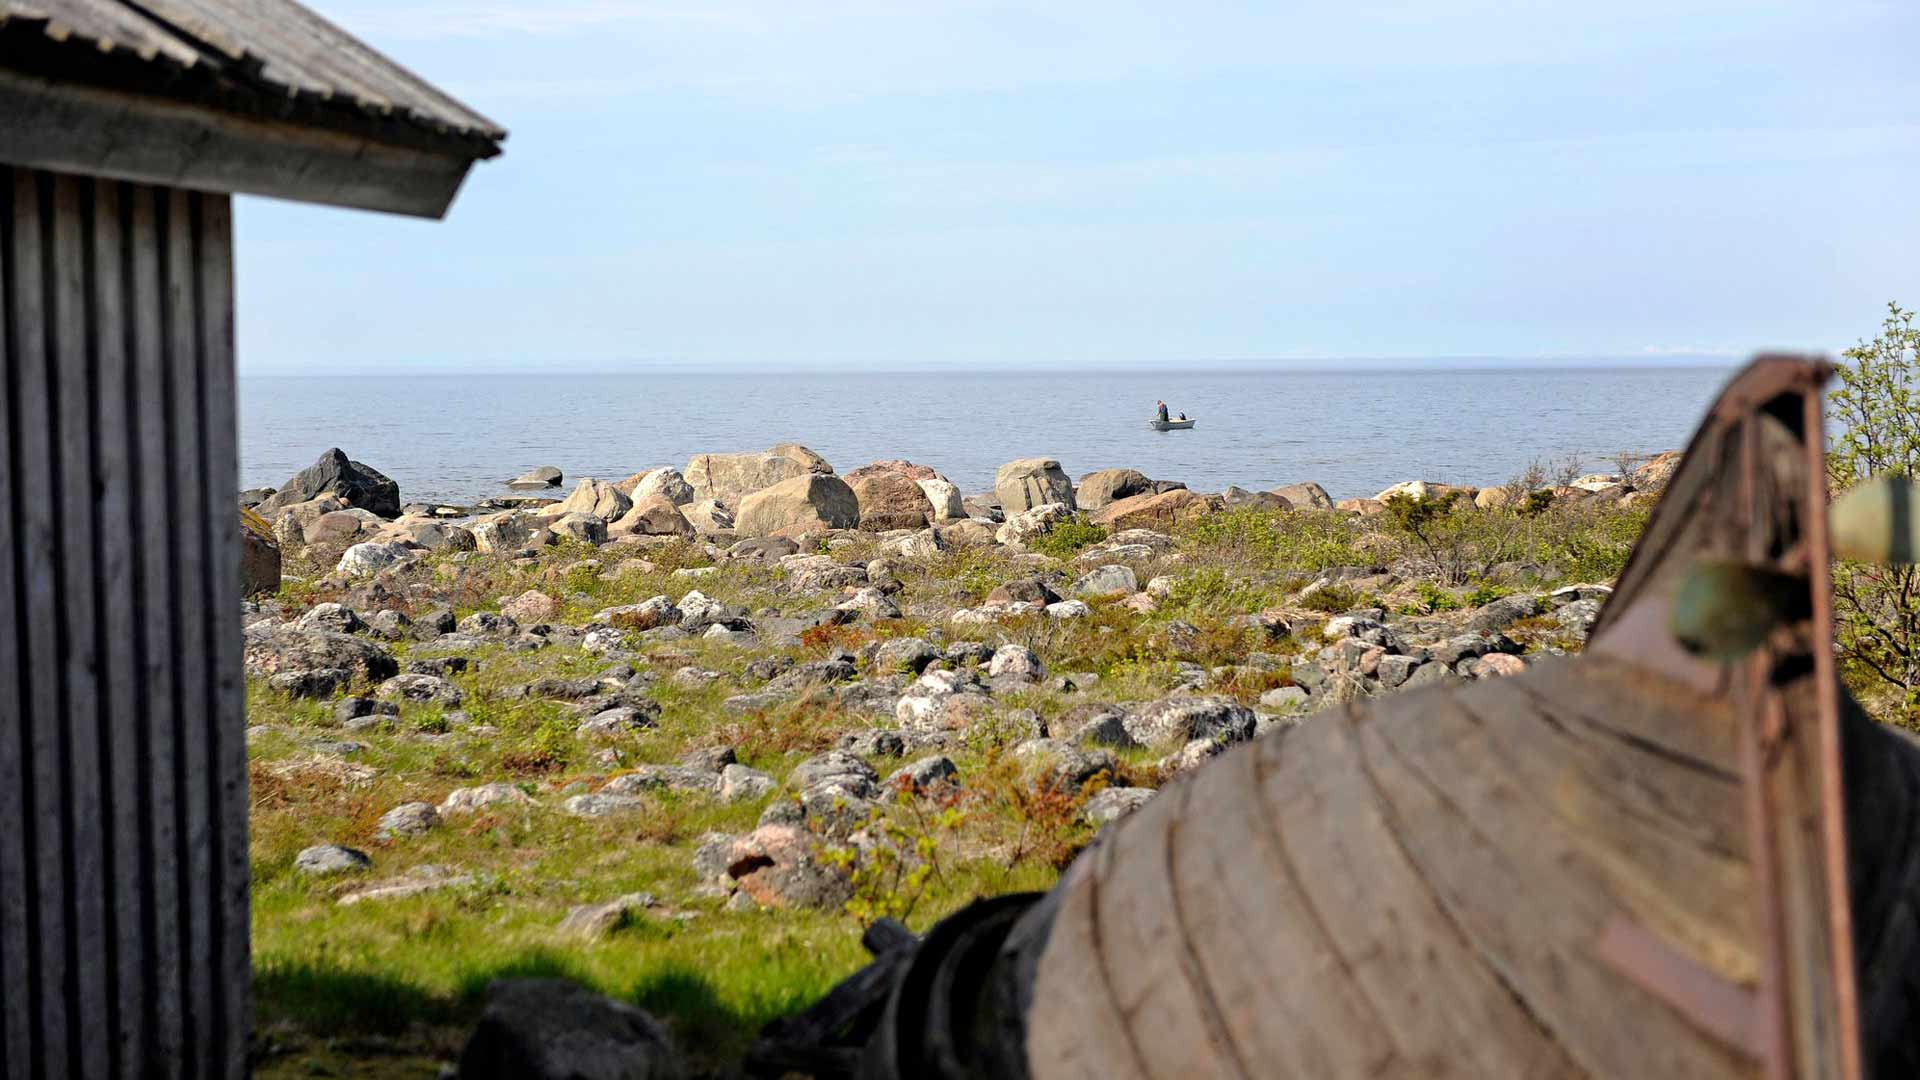 Vuosisataiset kalastusperinteet jatkuvat Kallankarien vesillä.